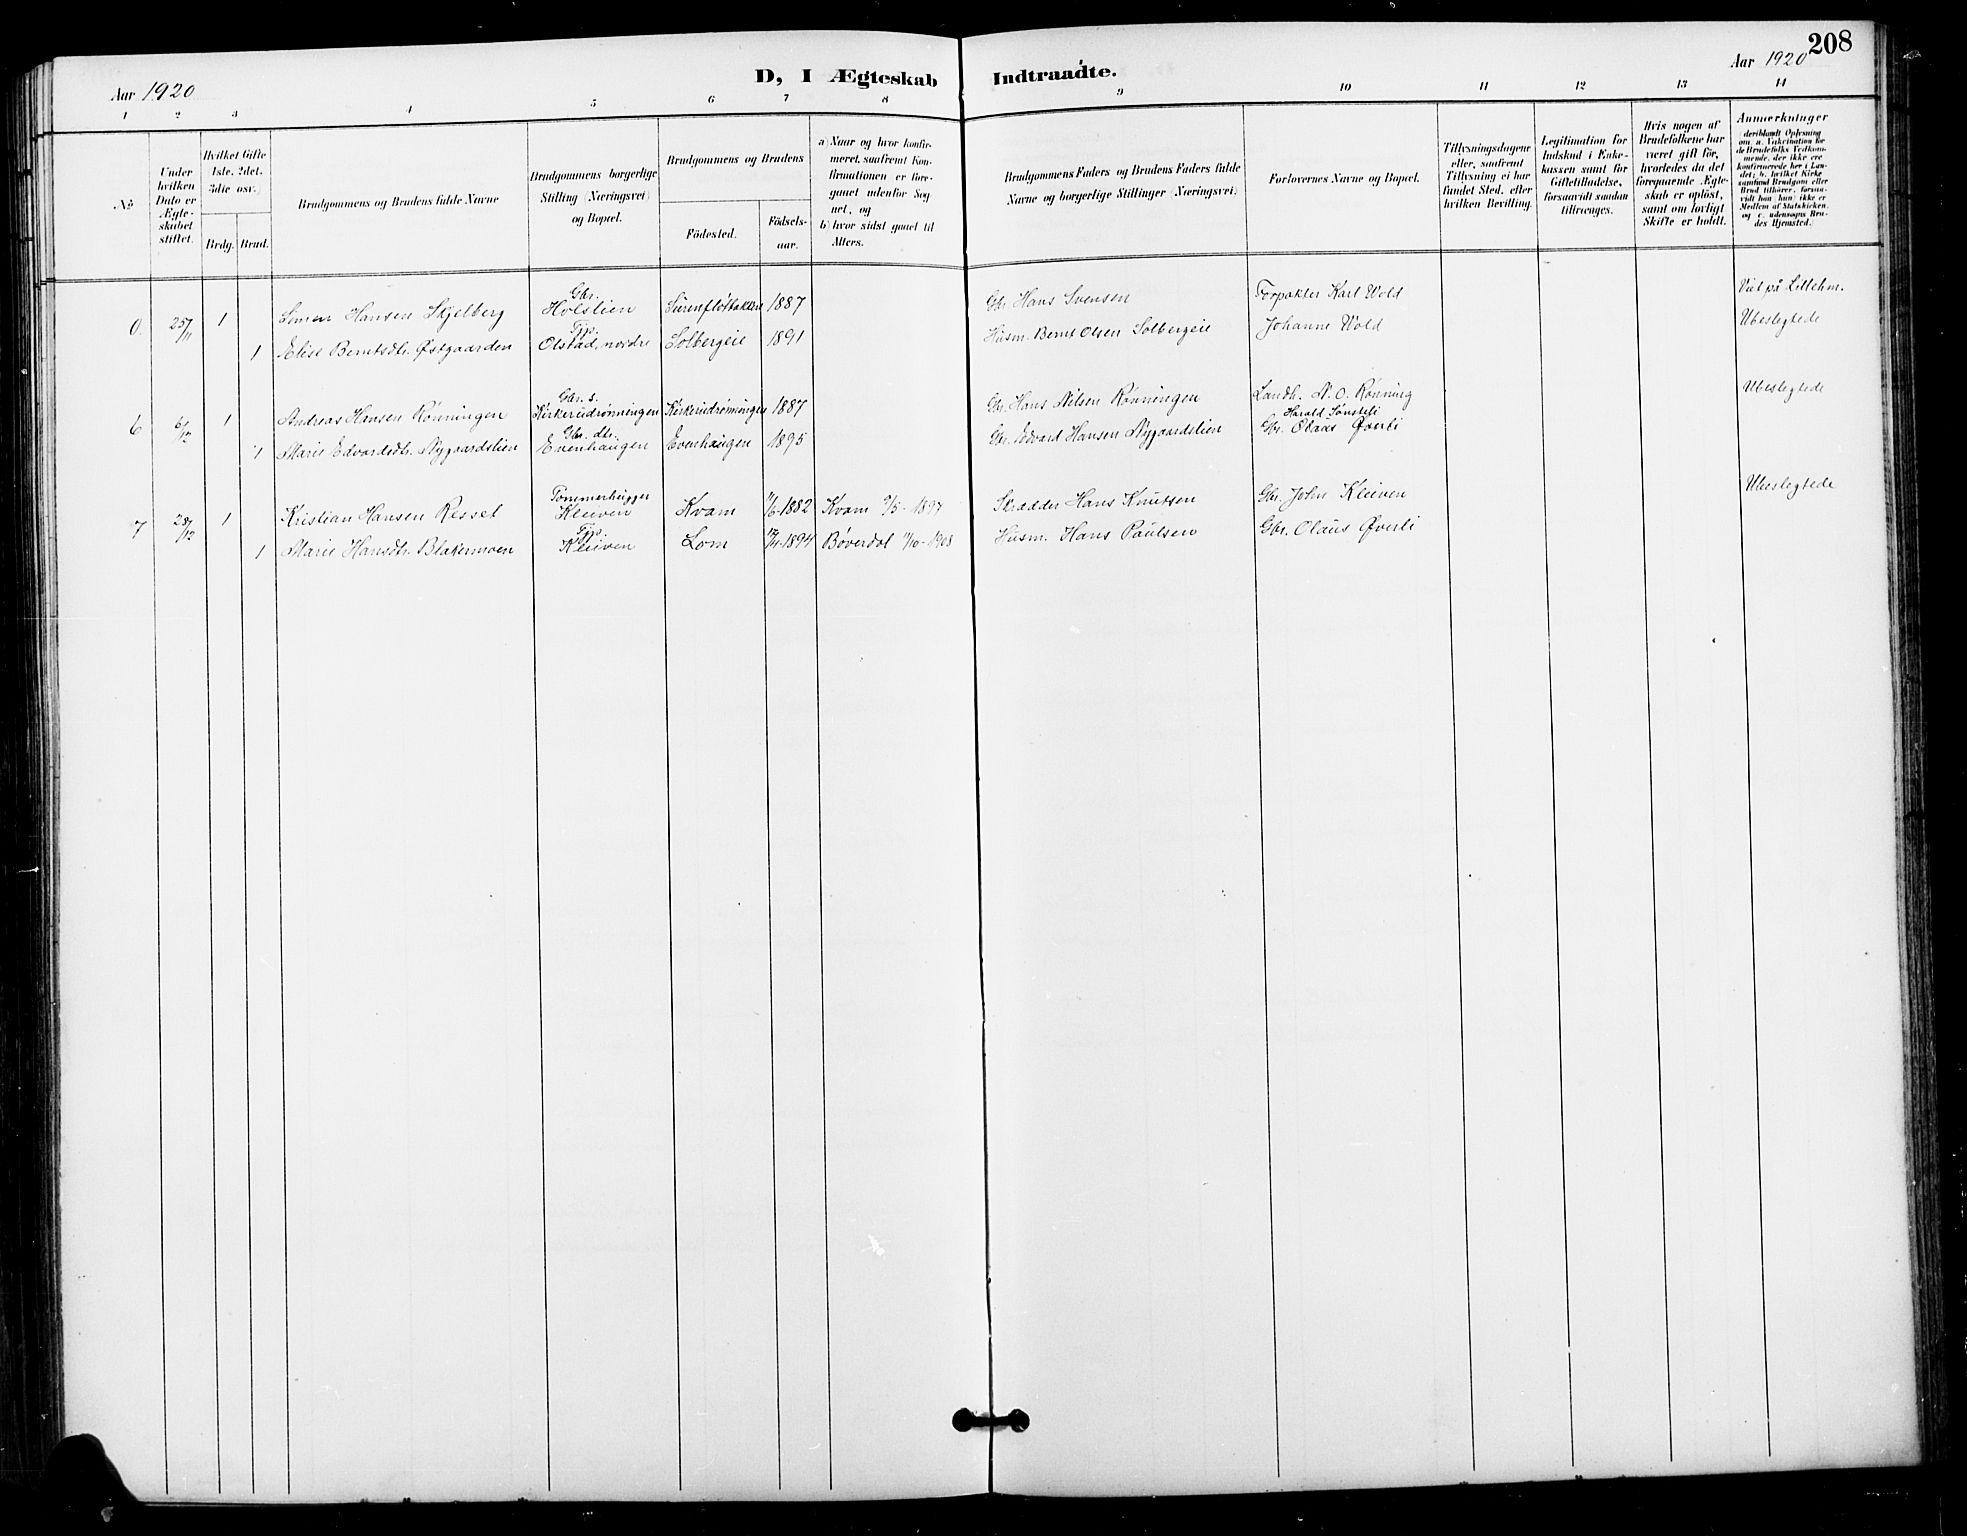 Oppland fylke, Nykirke i Vestre Gausdal, Klokkerbok nr. 3 (1896-1925), Ekteviede 1920, side 208.